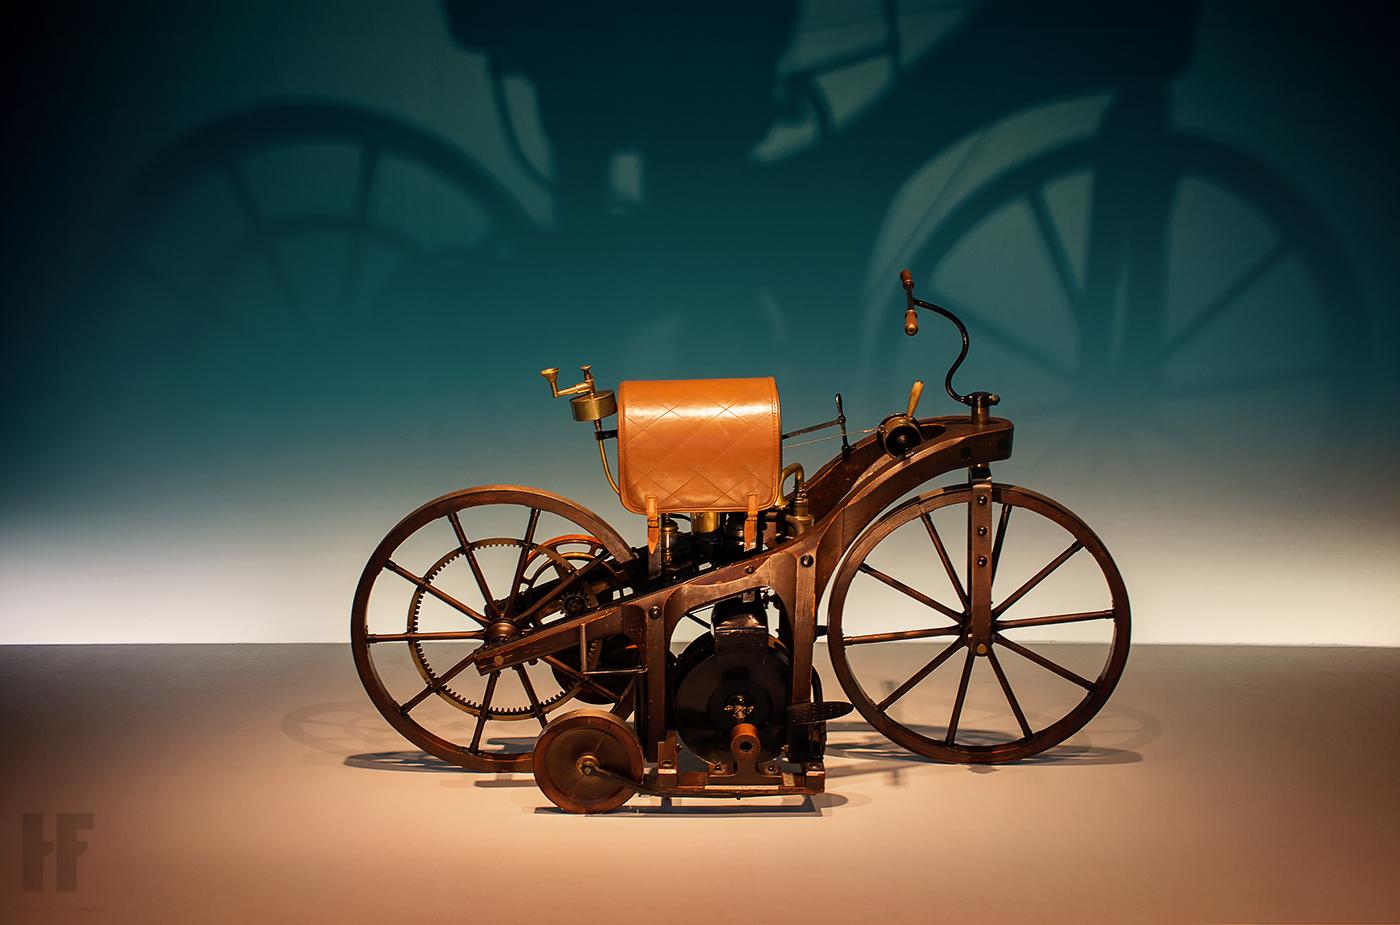 hermann|fotografie Daimler Reitwagen 1885